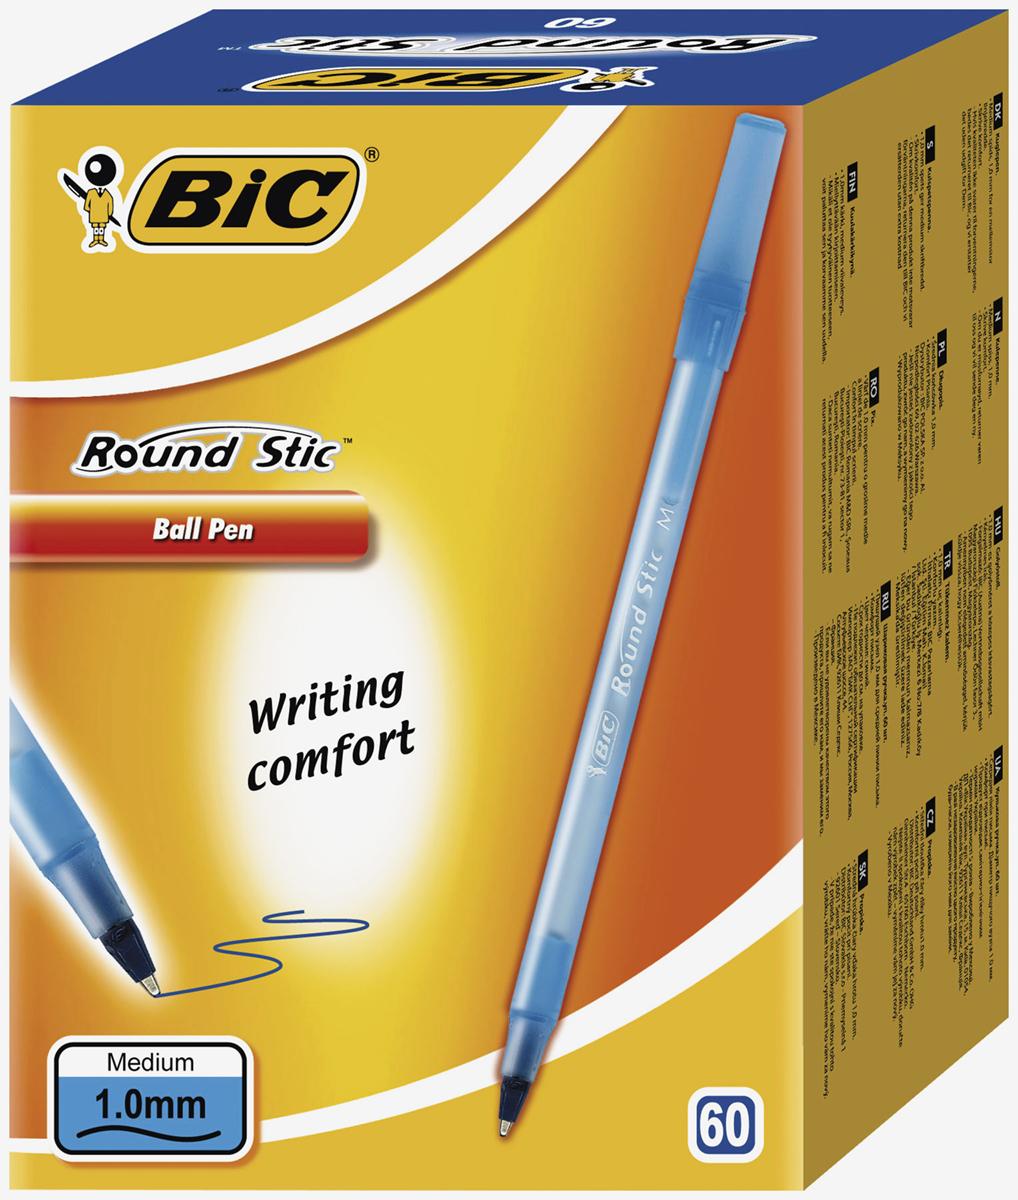 Набор шариковых ручек Bic Round Stick, цвет чернил: синий, 60 шт